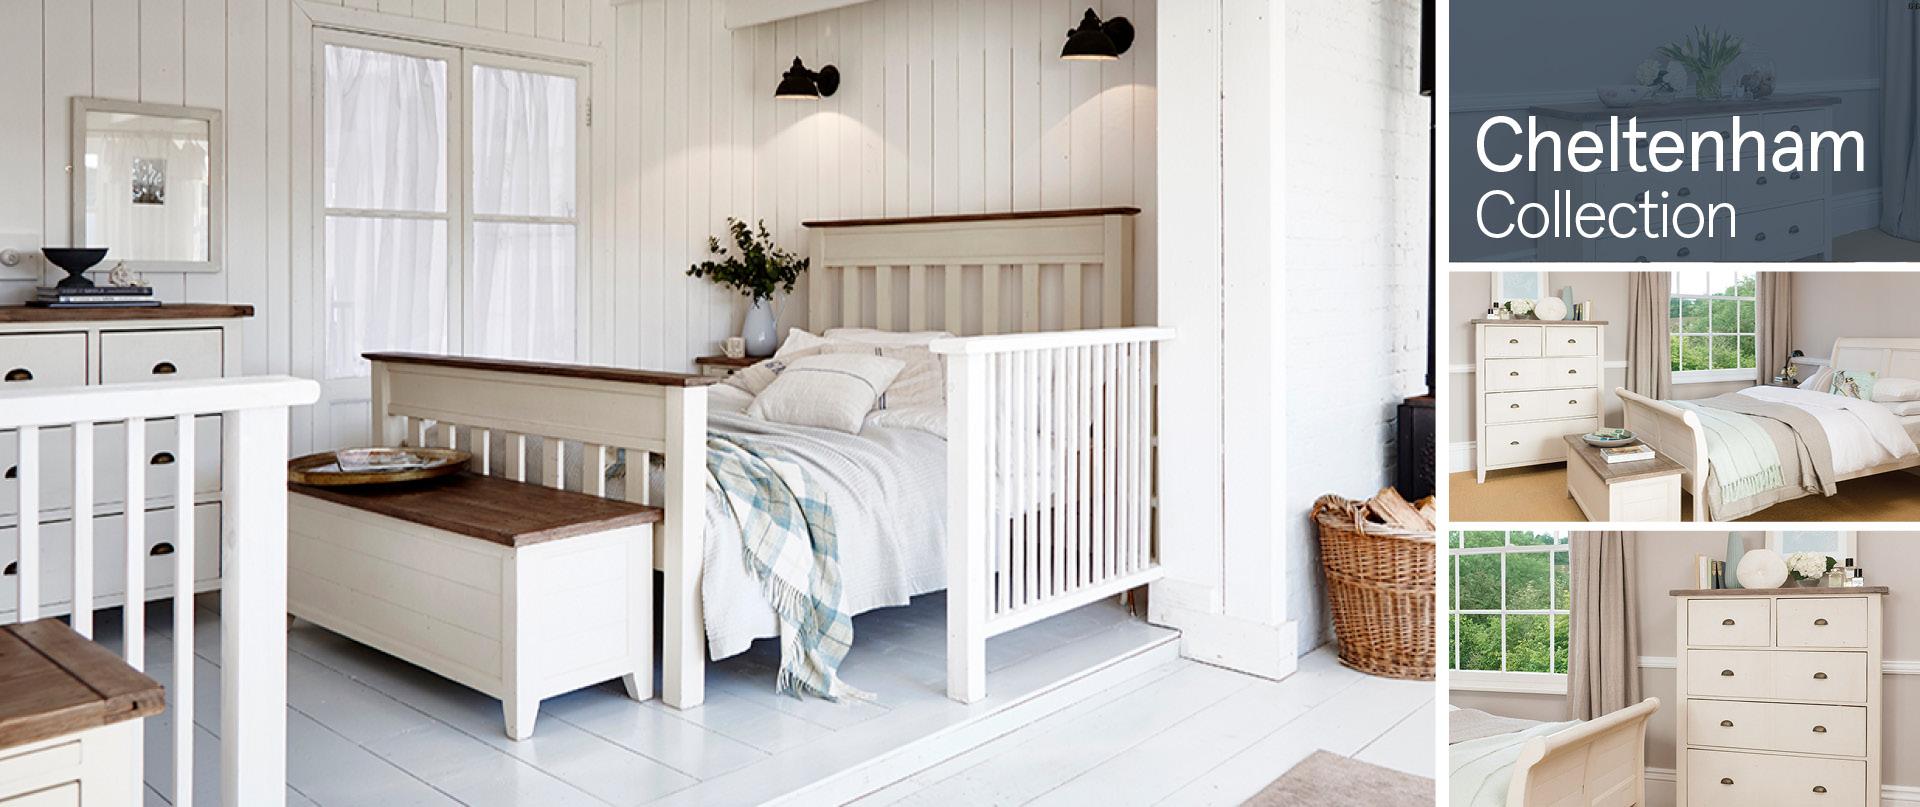 Cheltenham Bedroom Furniture Ranges